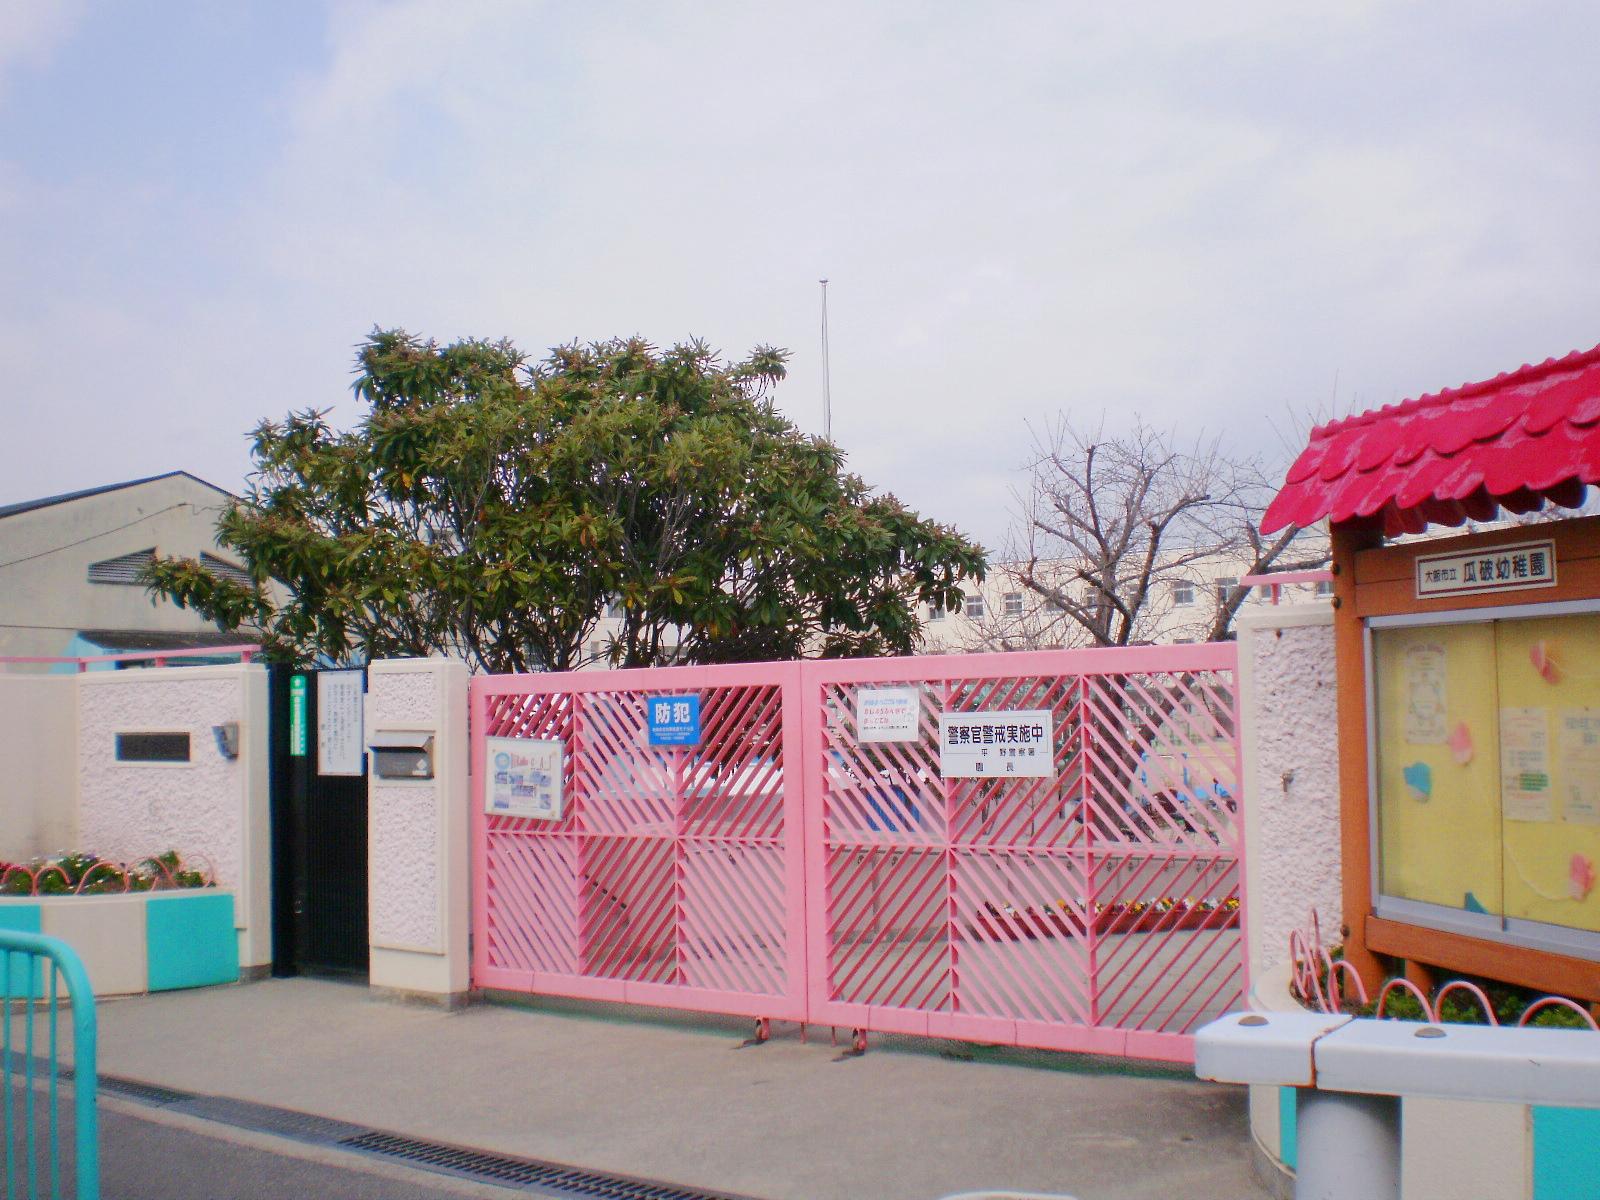 幼稚園・保育園 大阪市立瓜破幼稚園(幼稚園・保育園)まで311m